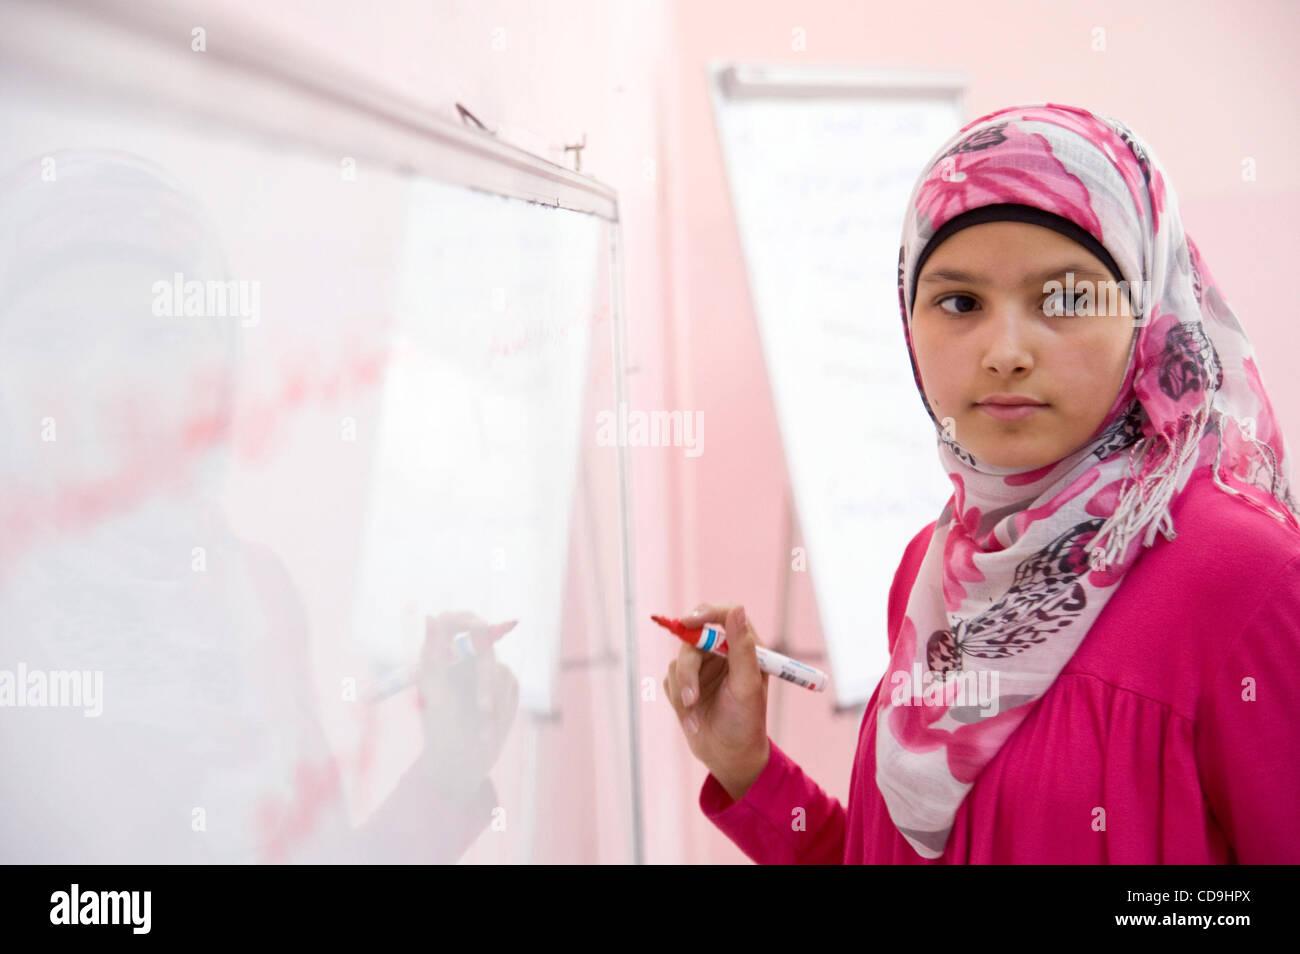 12. Juli 2010 - Amman, Jordanien - 12. Juli 2010, Amman, Jordanien - rundet eine Mädchen eine Lektion auf der Stockbild